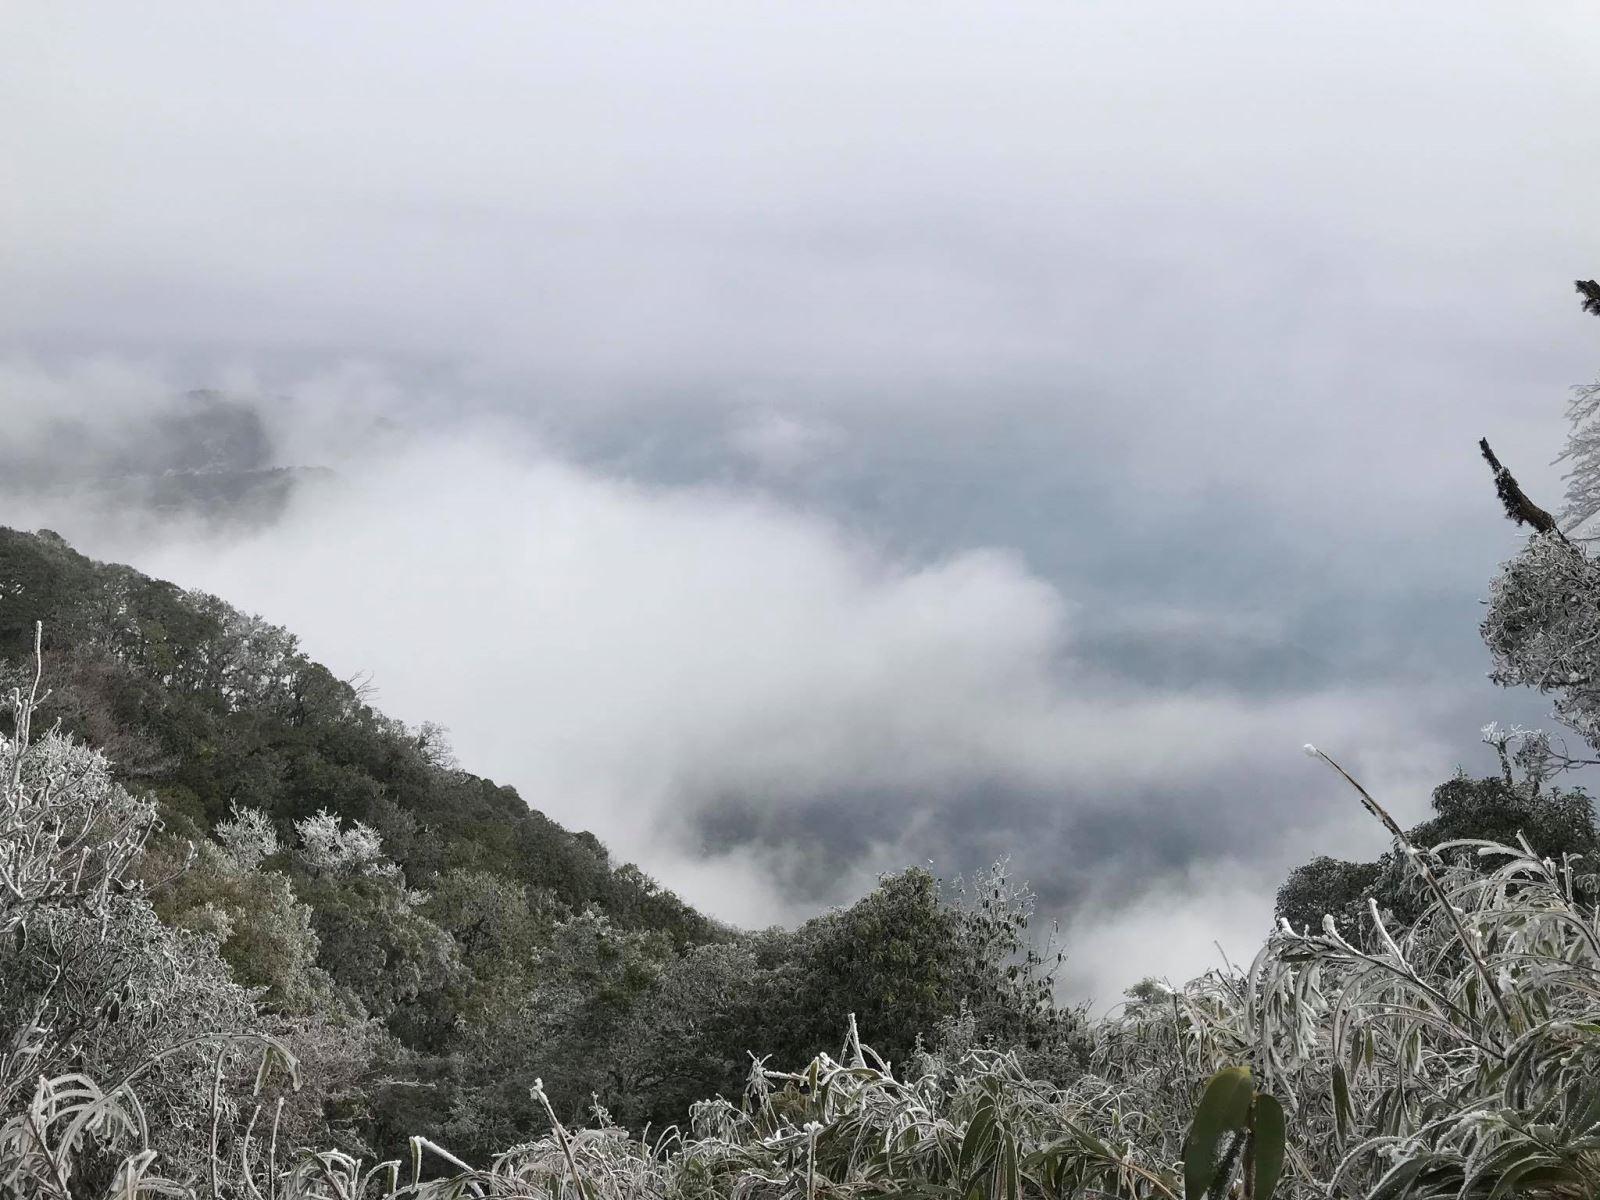 Khách du lịch rủ nhau lên vùng miền núi phía Bắc ngắm băng tuyết